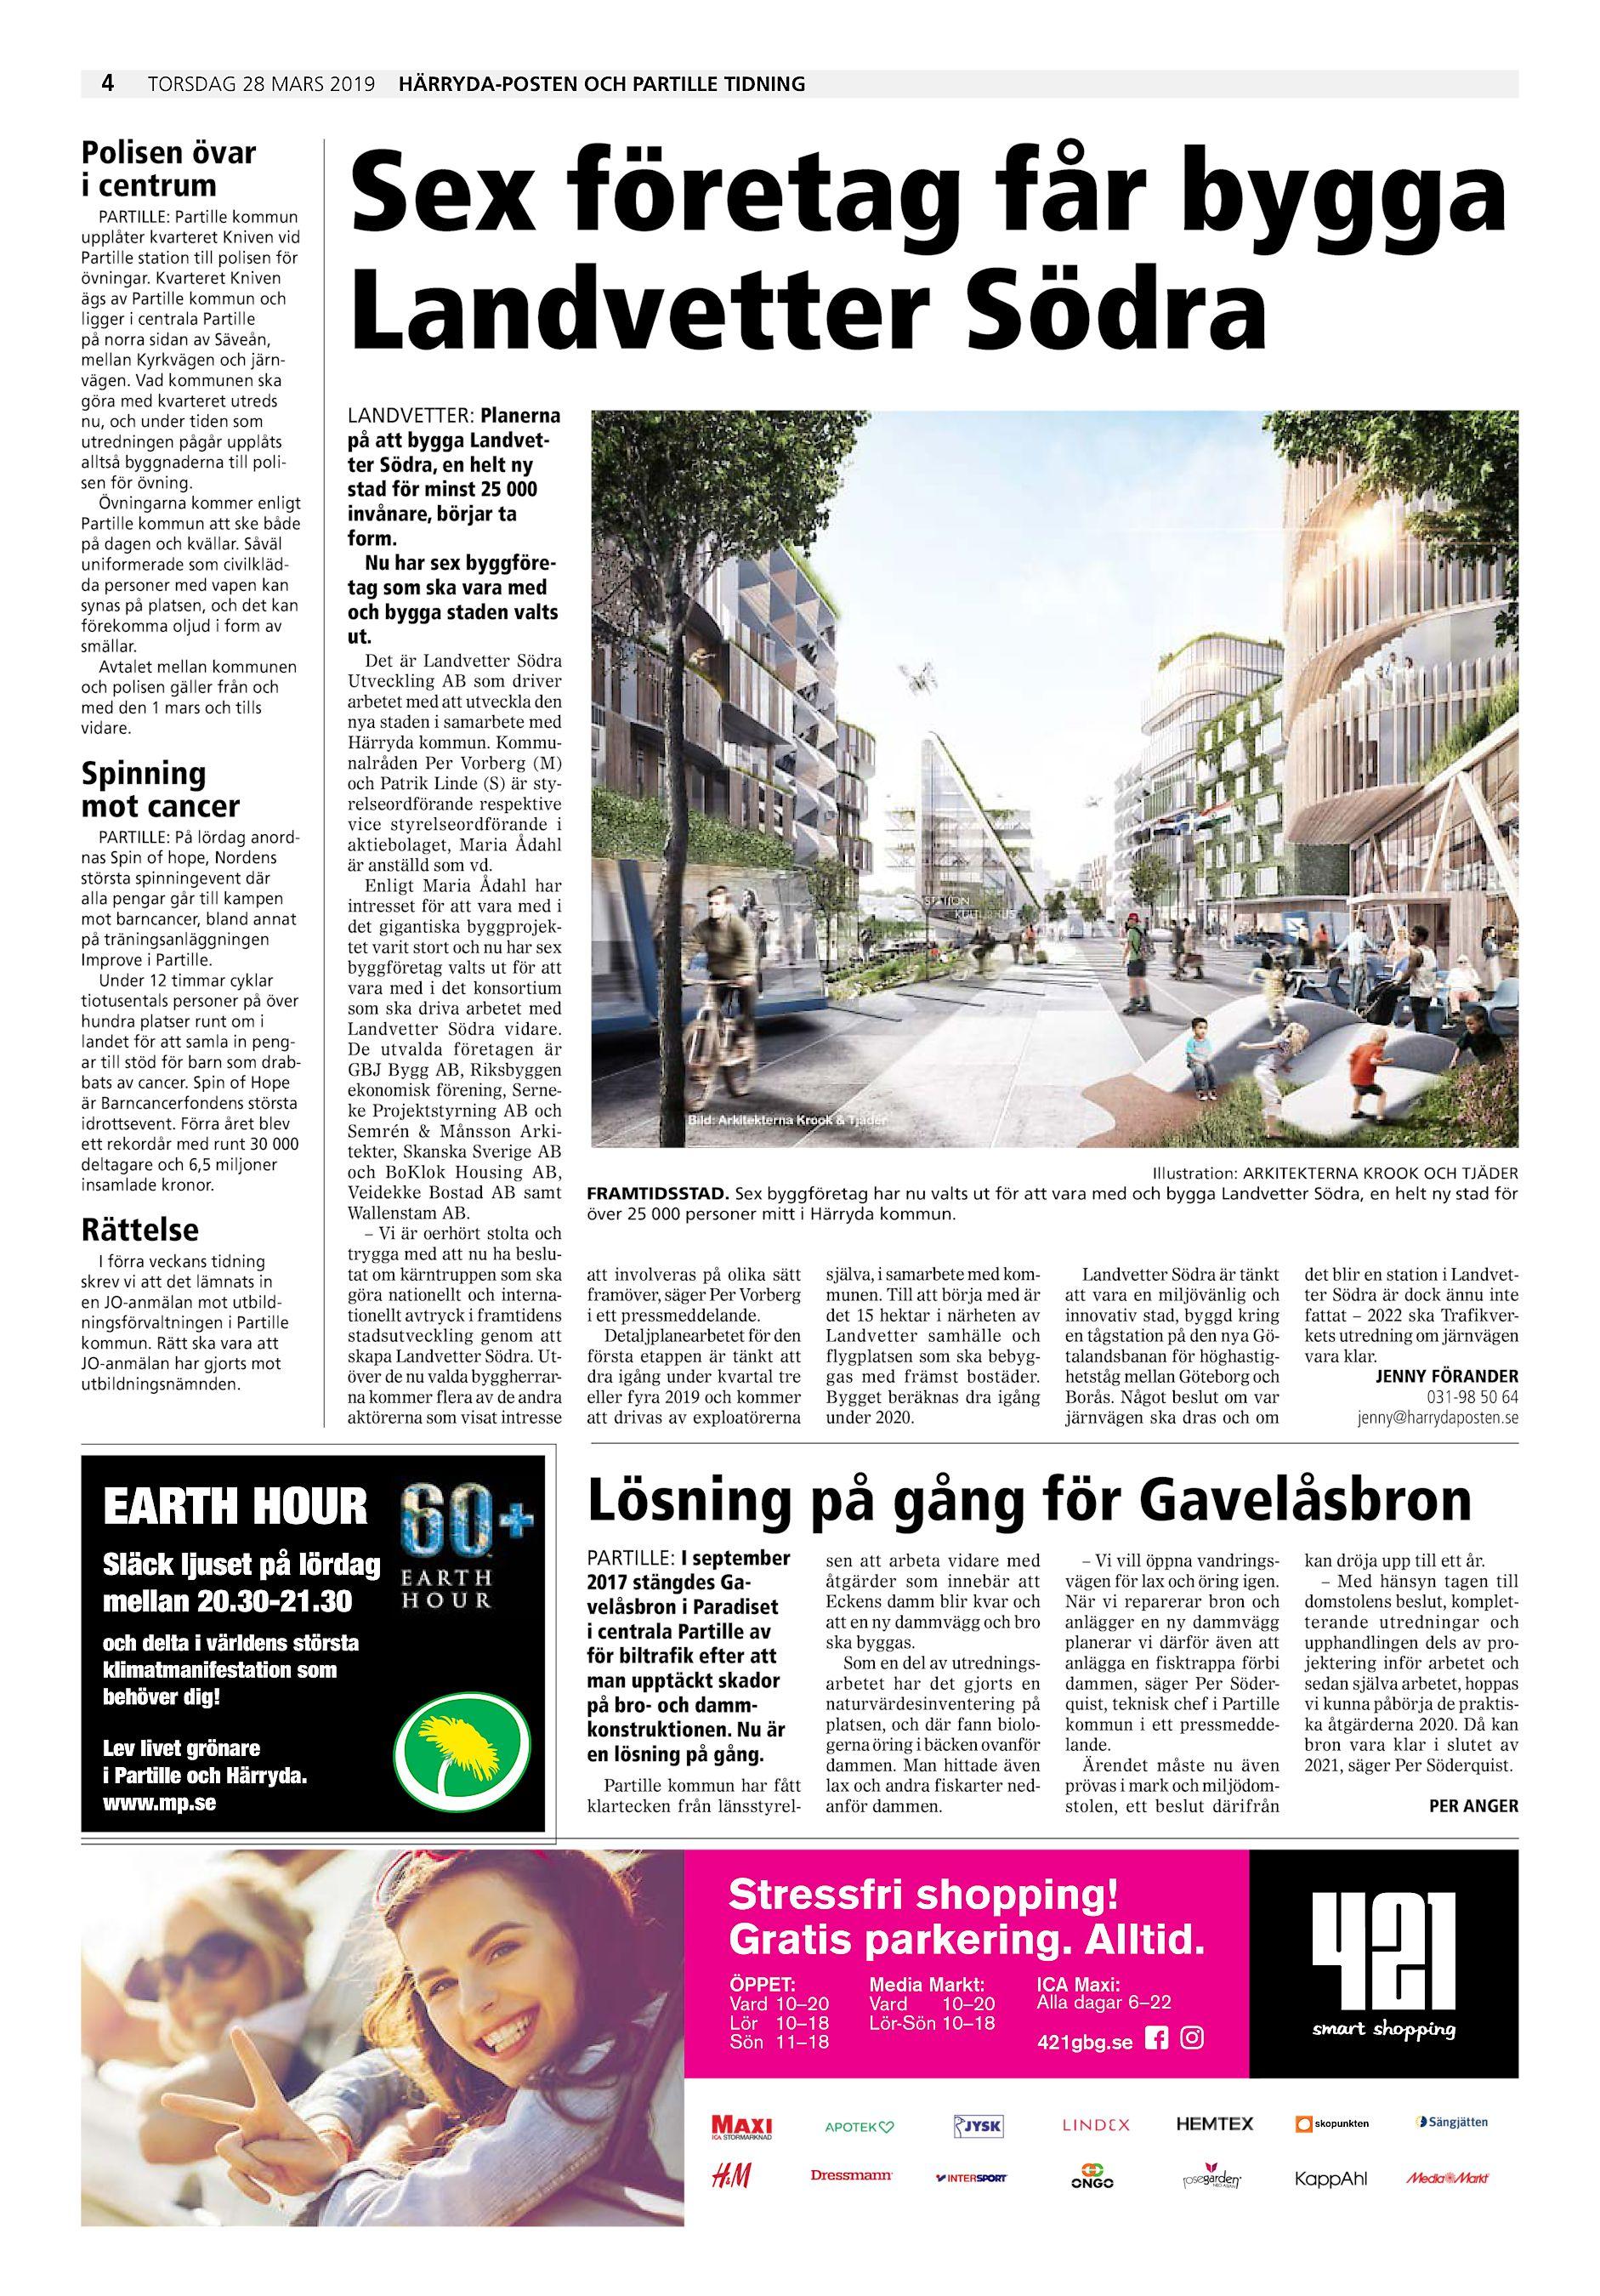 edf6a890601 4 torsdag 28 mars 2019 Polisen övar i centrum PARTILLE: Partille kommun  upplåter kvarteret Kniven vid Partille station till polisen för övningar.